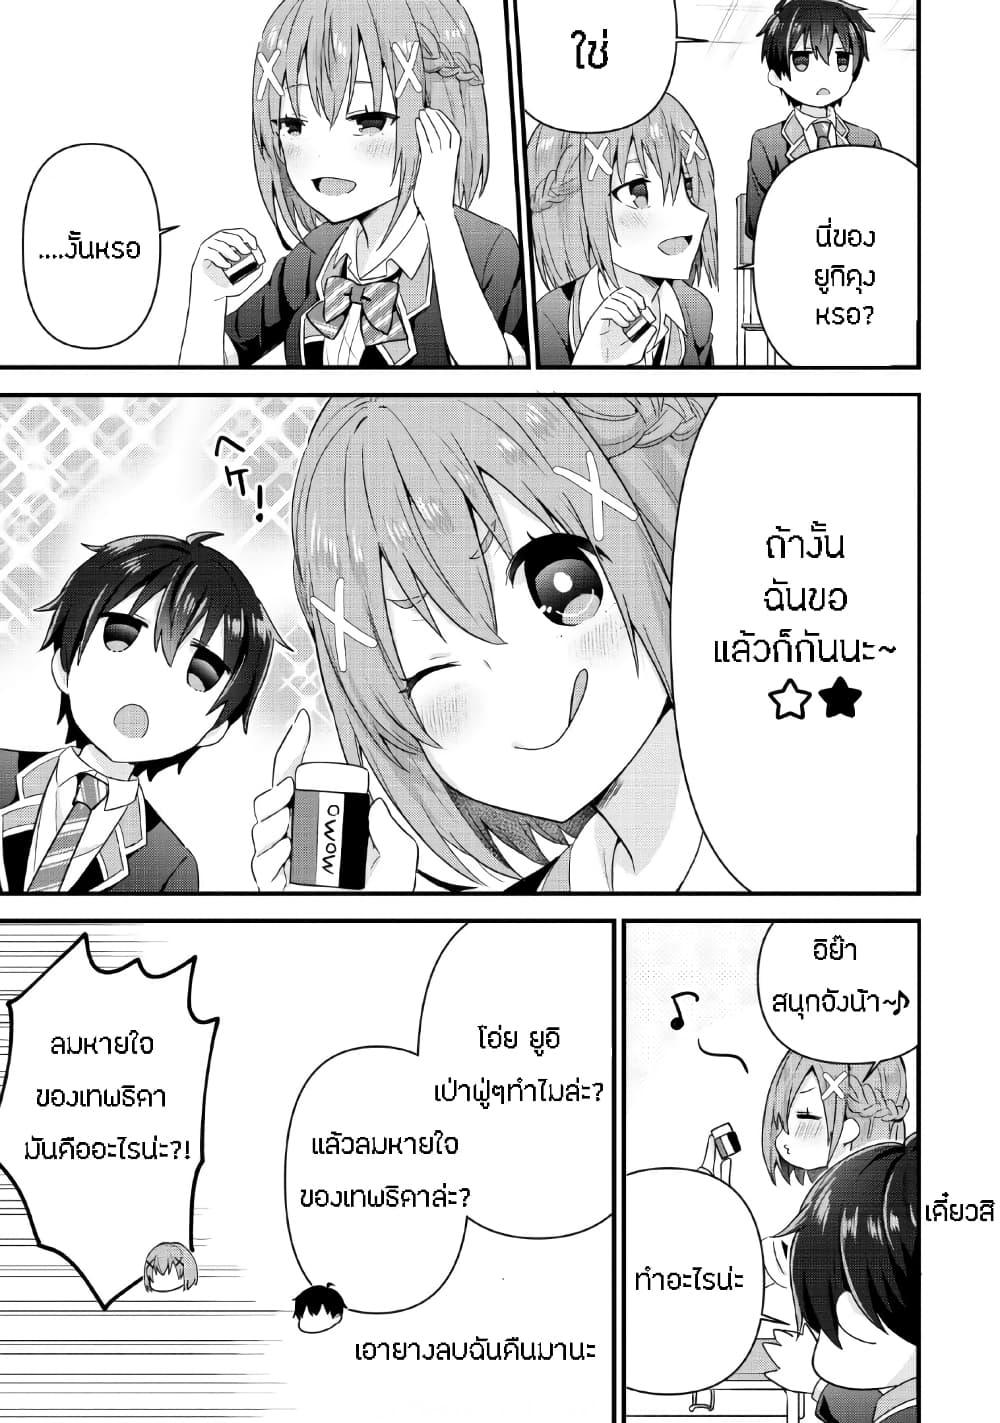 อ่านการ์ตูน Tonari no Seki ni Natta Bishoujo ga Horesaseyou to Karakatte Kuru ga Itsunomanika Kaeriuchi ni Shite Ita ตอนที่ 4 หน้าที่ 15